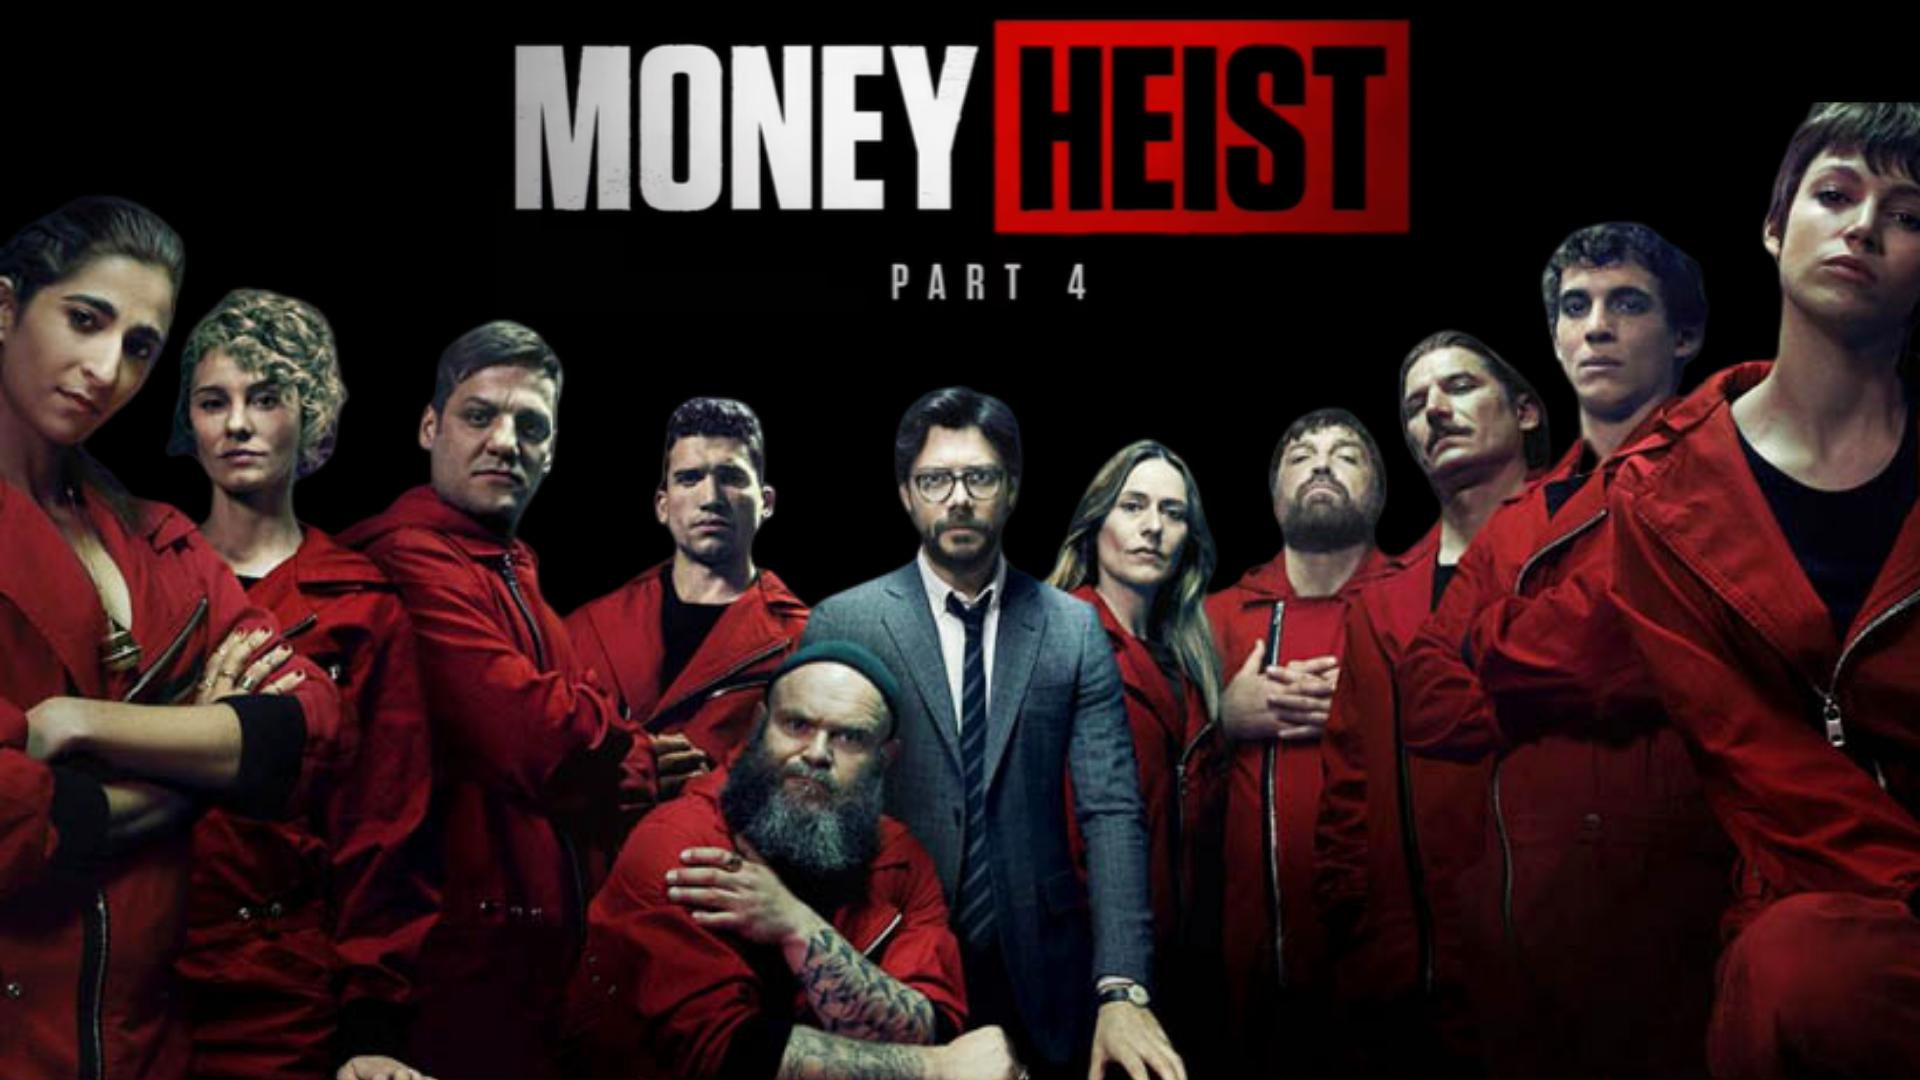 Money Heist Web Series 4 Netflix 2020 Cast Trailer Episodes 1920x1080